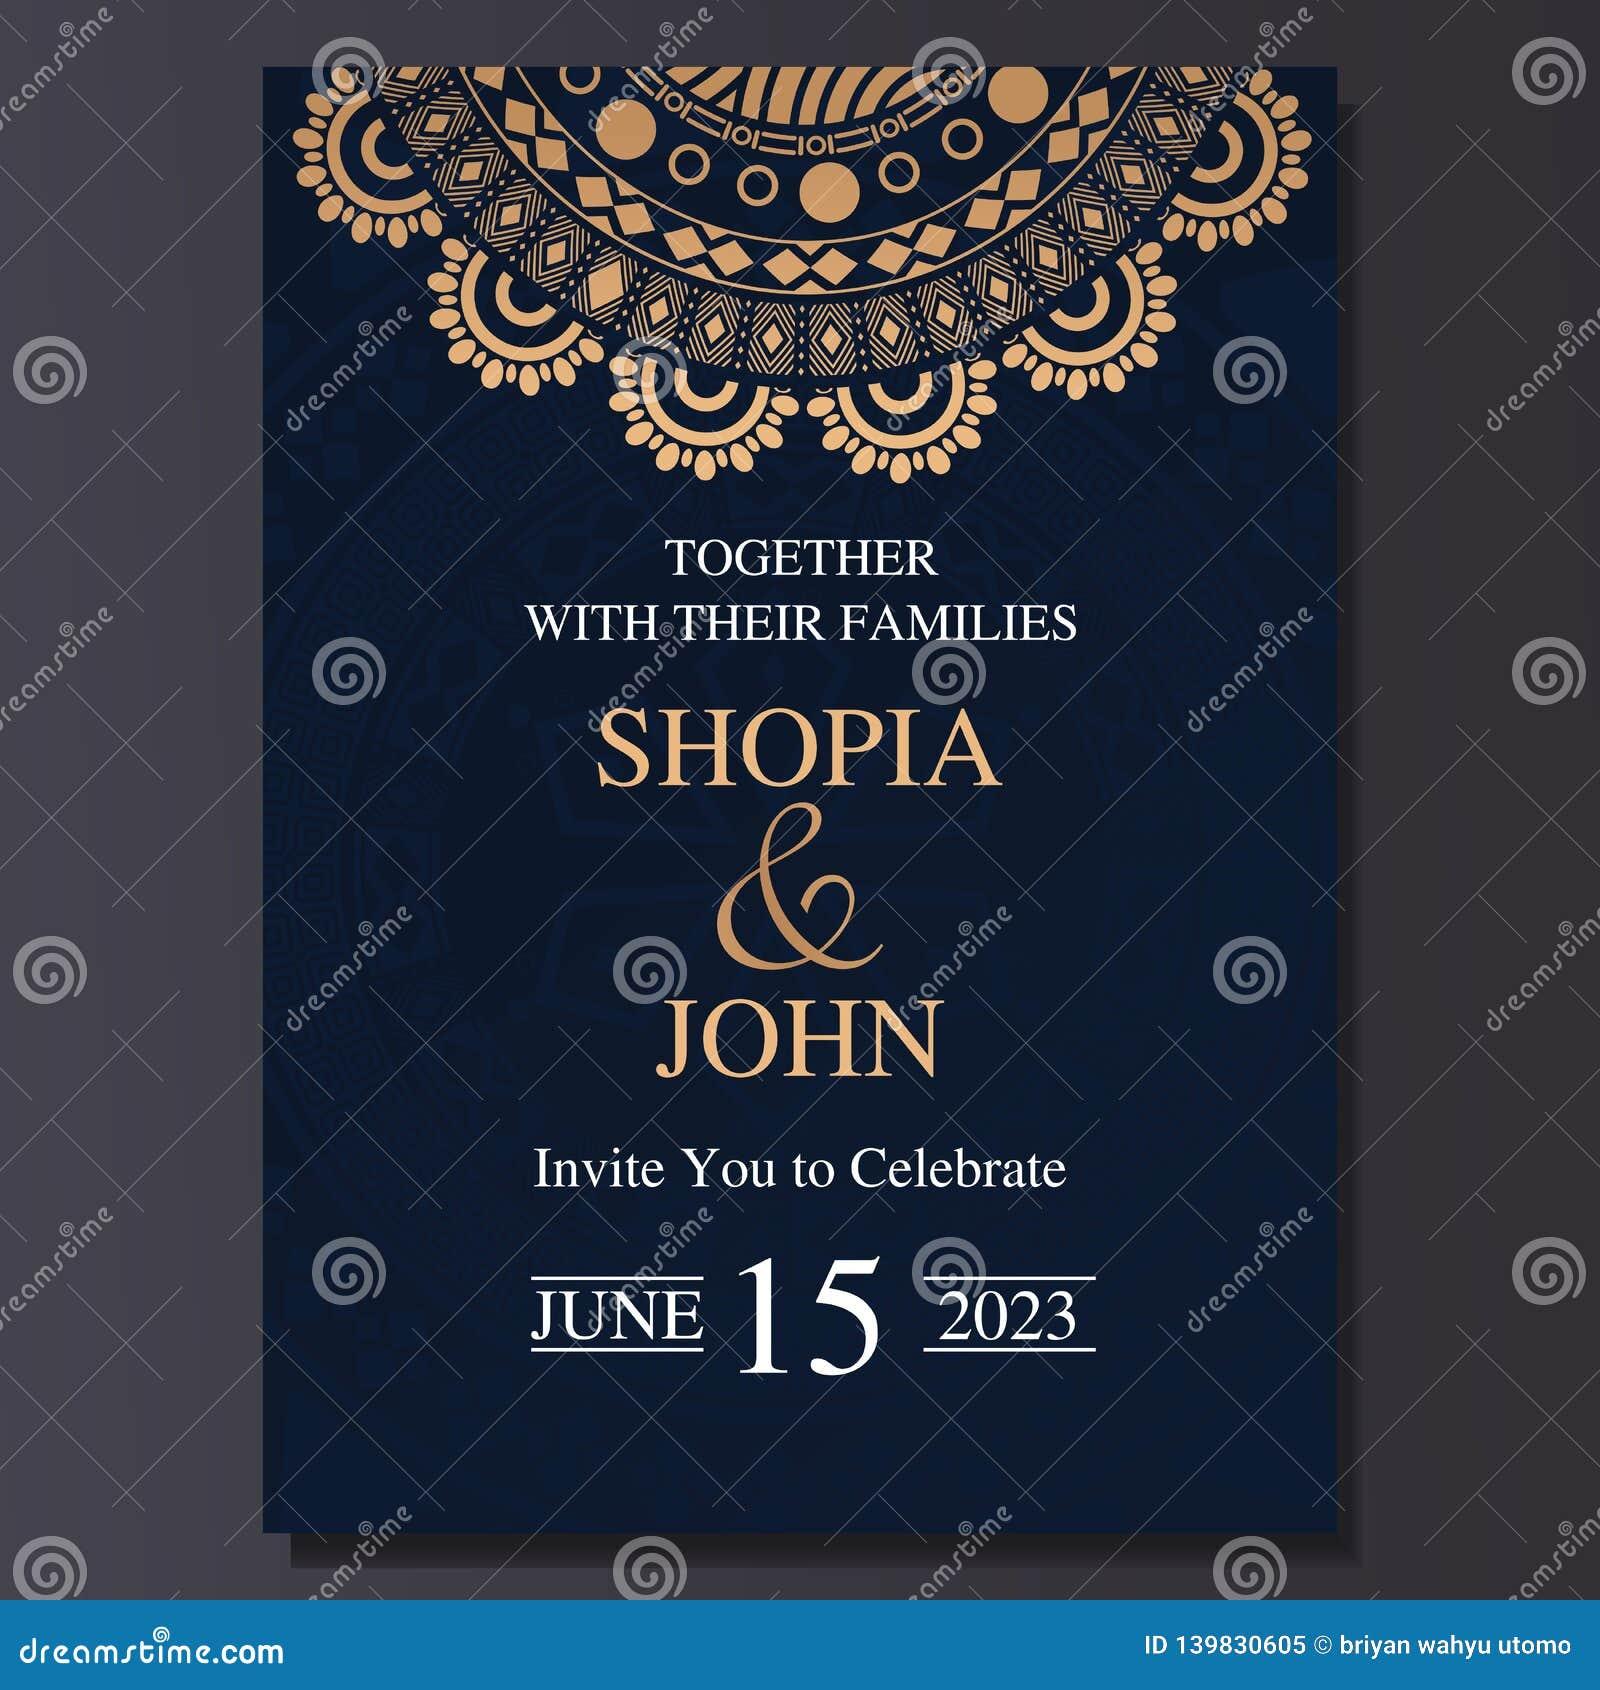 Luxury And Elegant Wedding Invitation Card With Mandala